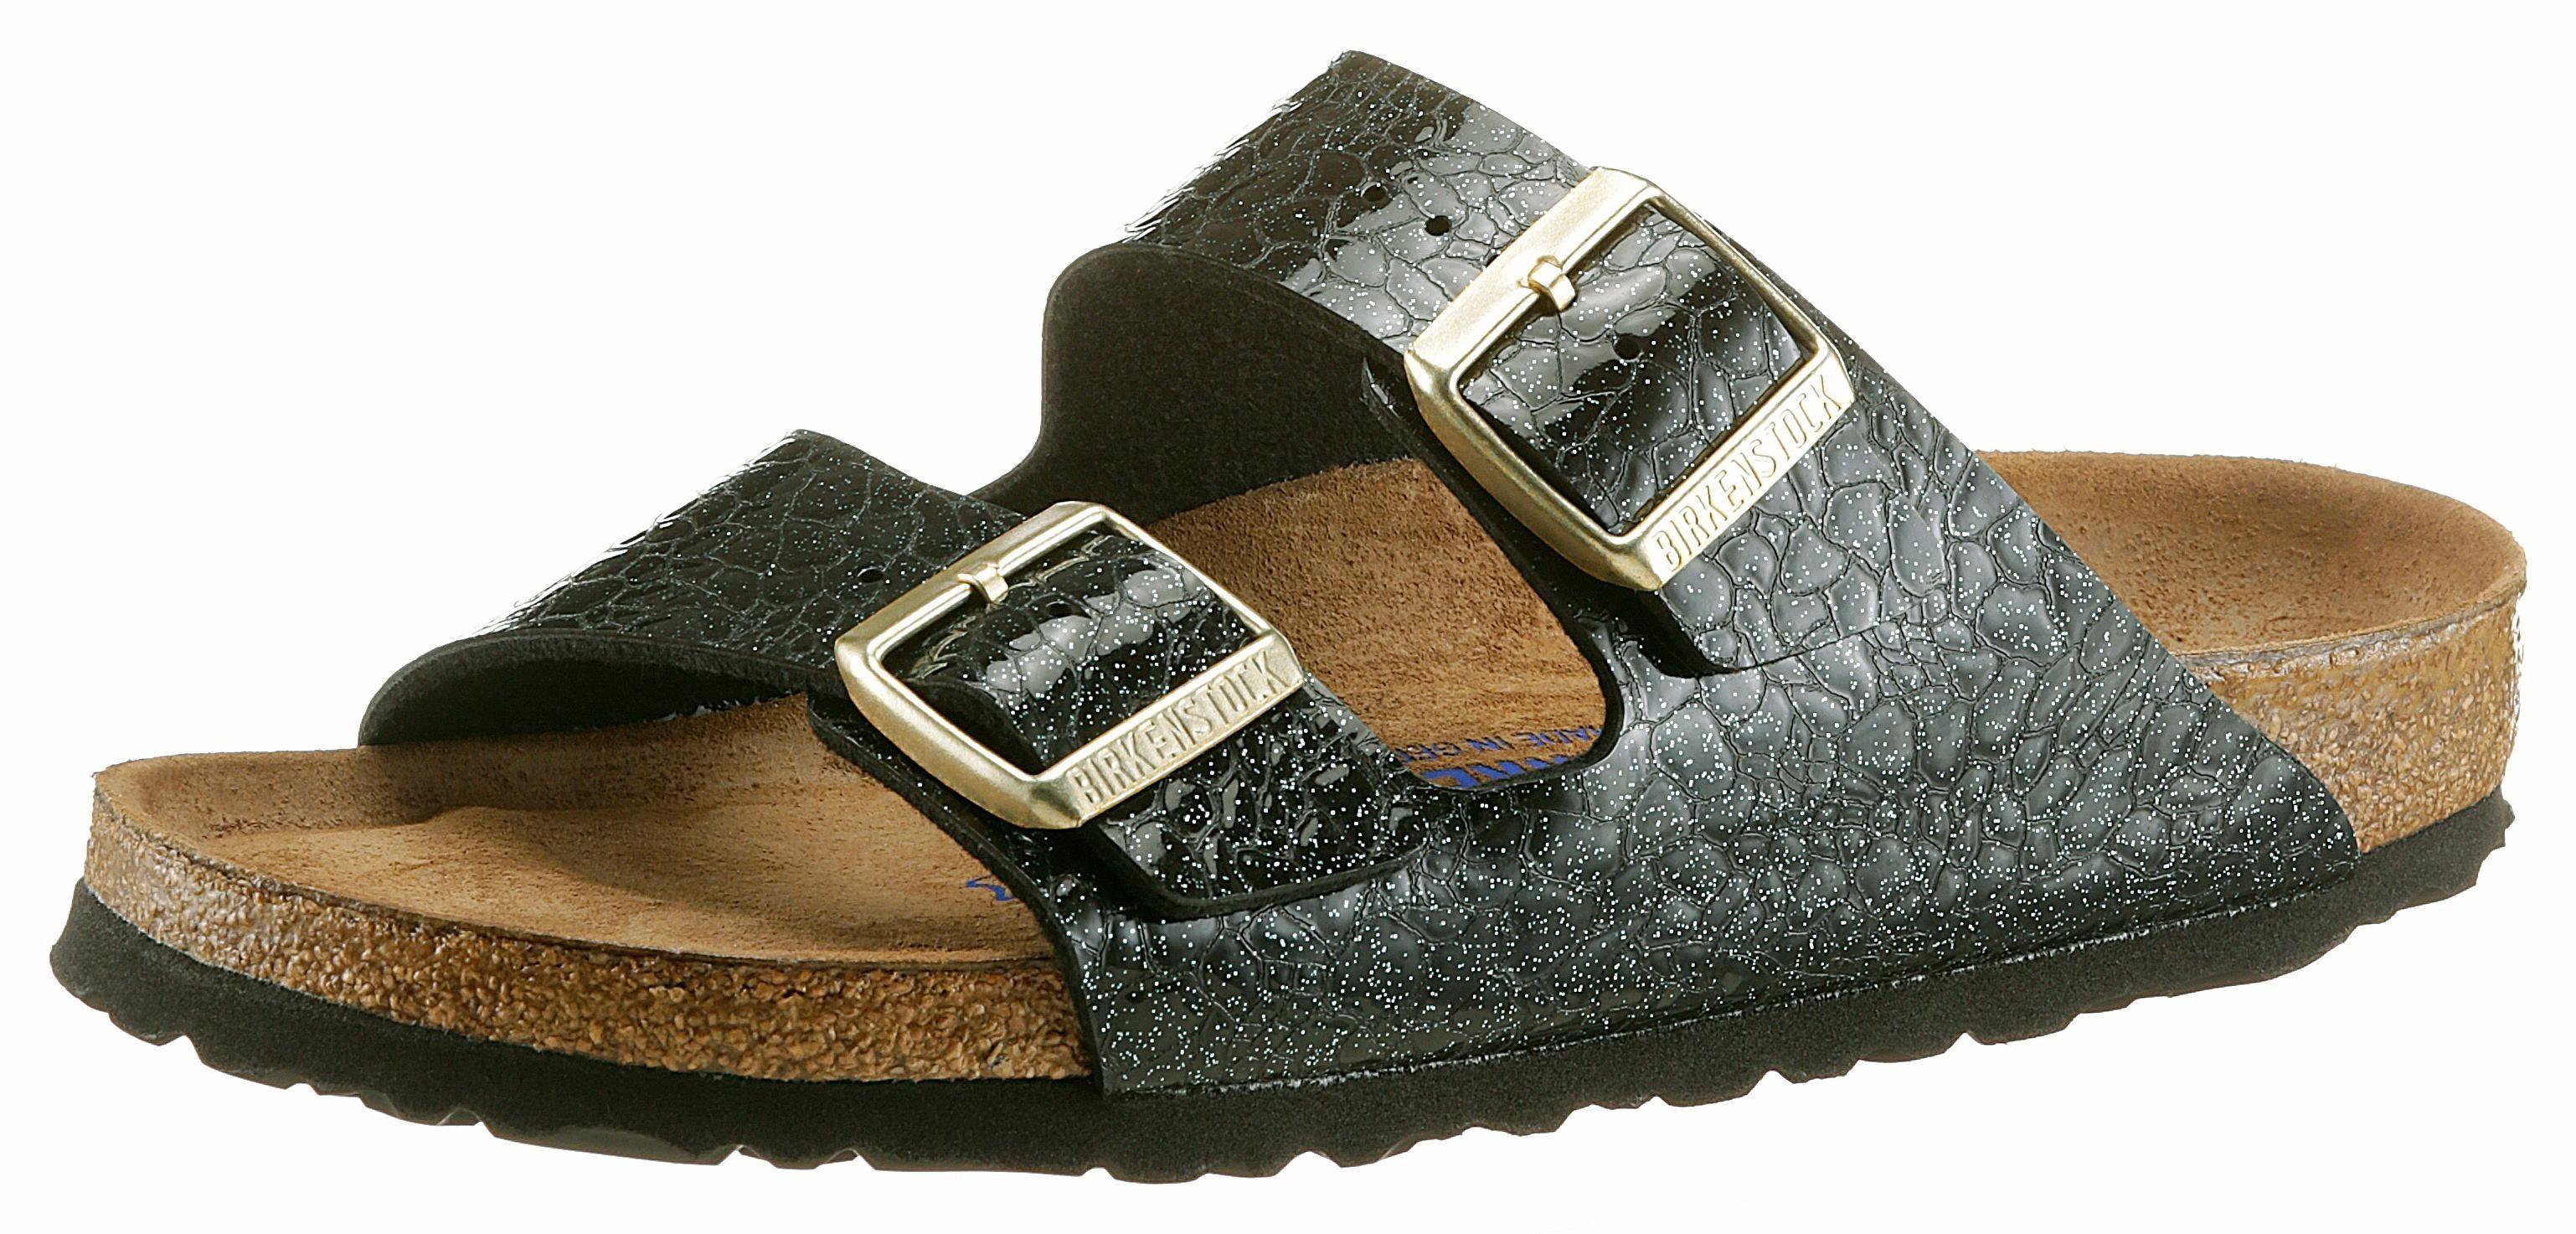 Birkenstock ARIZONA SFB Pantolette, mit Reptil-Prägung und schmaler Schuhweite online kaufen  schwarz-mint